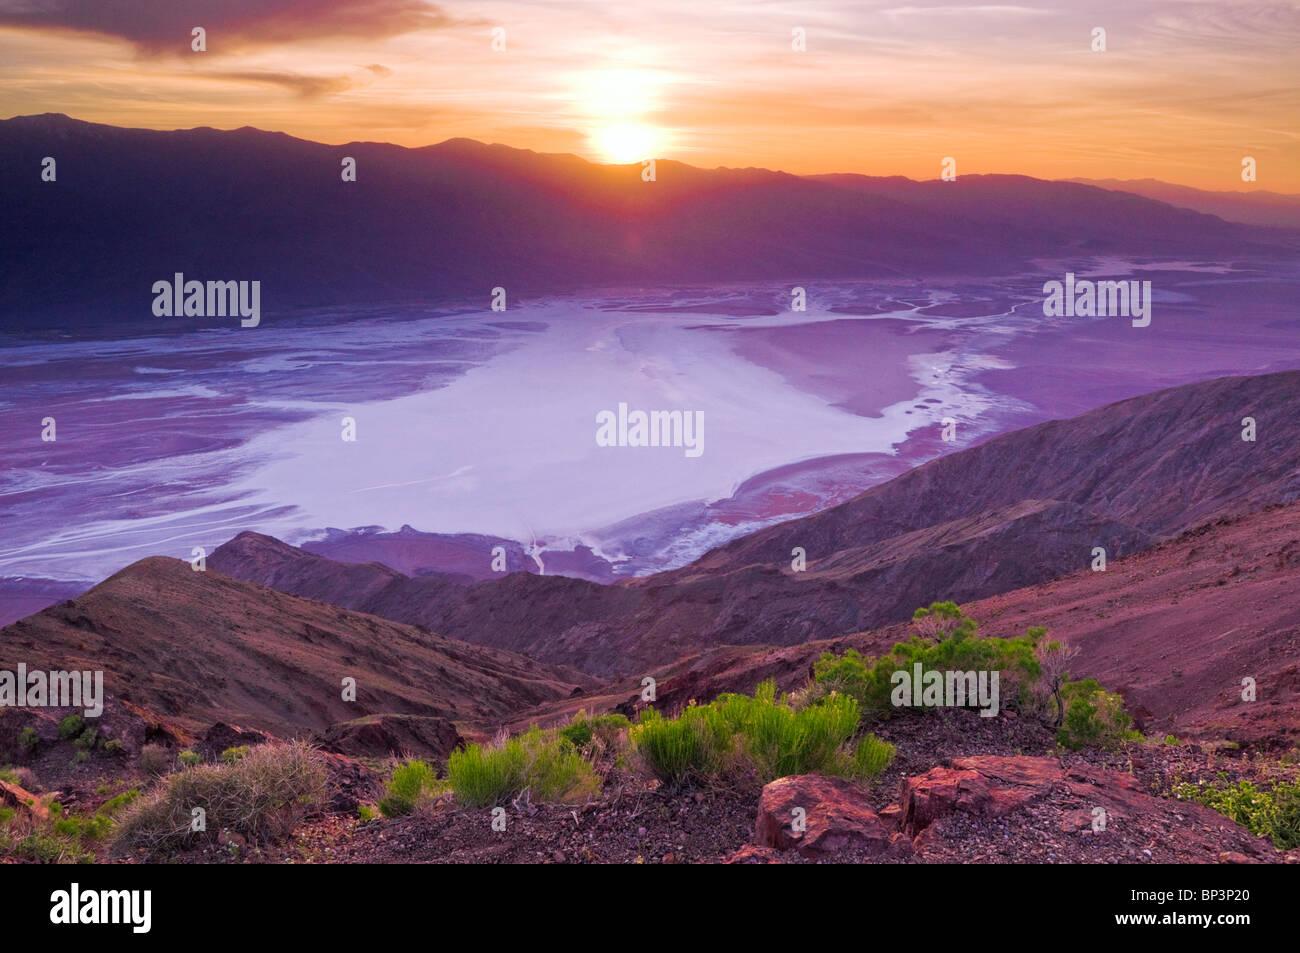 Puesta de sol sobre el valle de la Muerte de Dante's View, el Parque Nacional Valle de la muerte. California Imagen De Stock